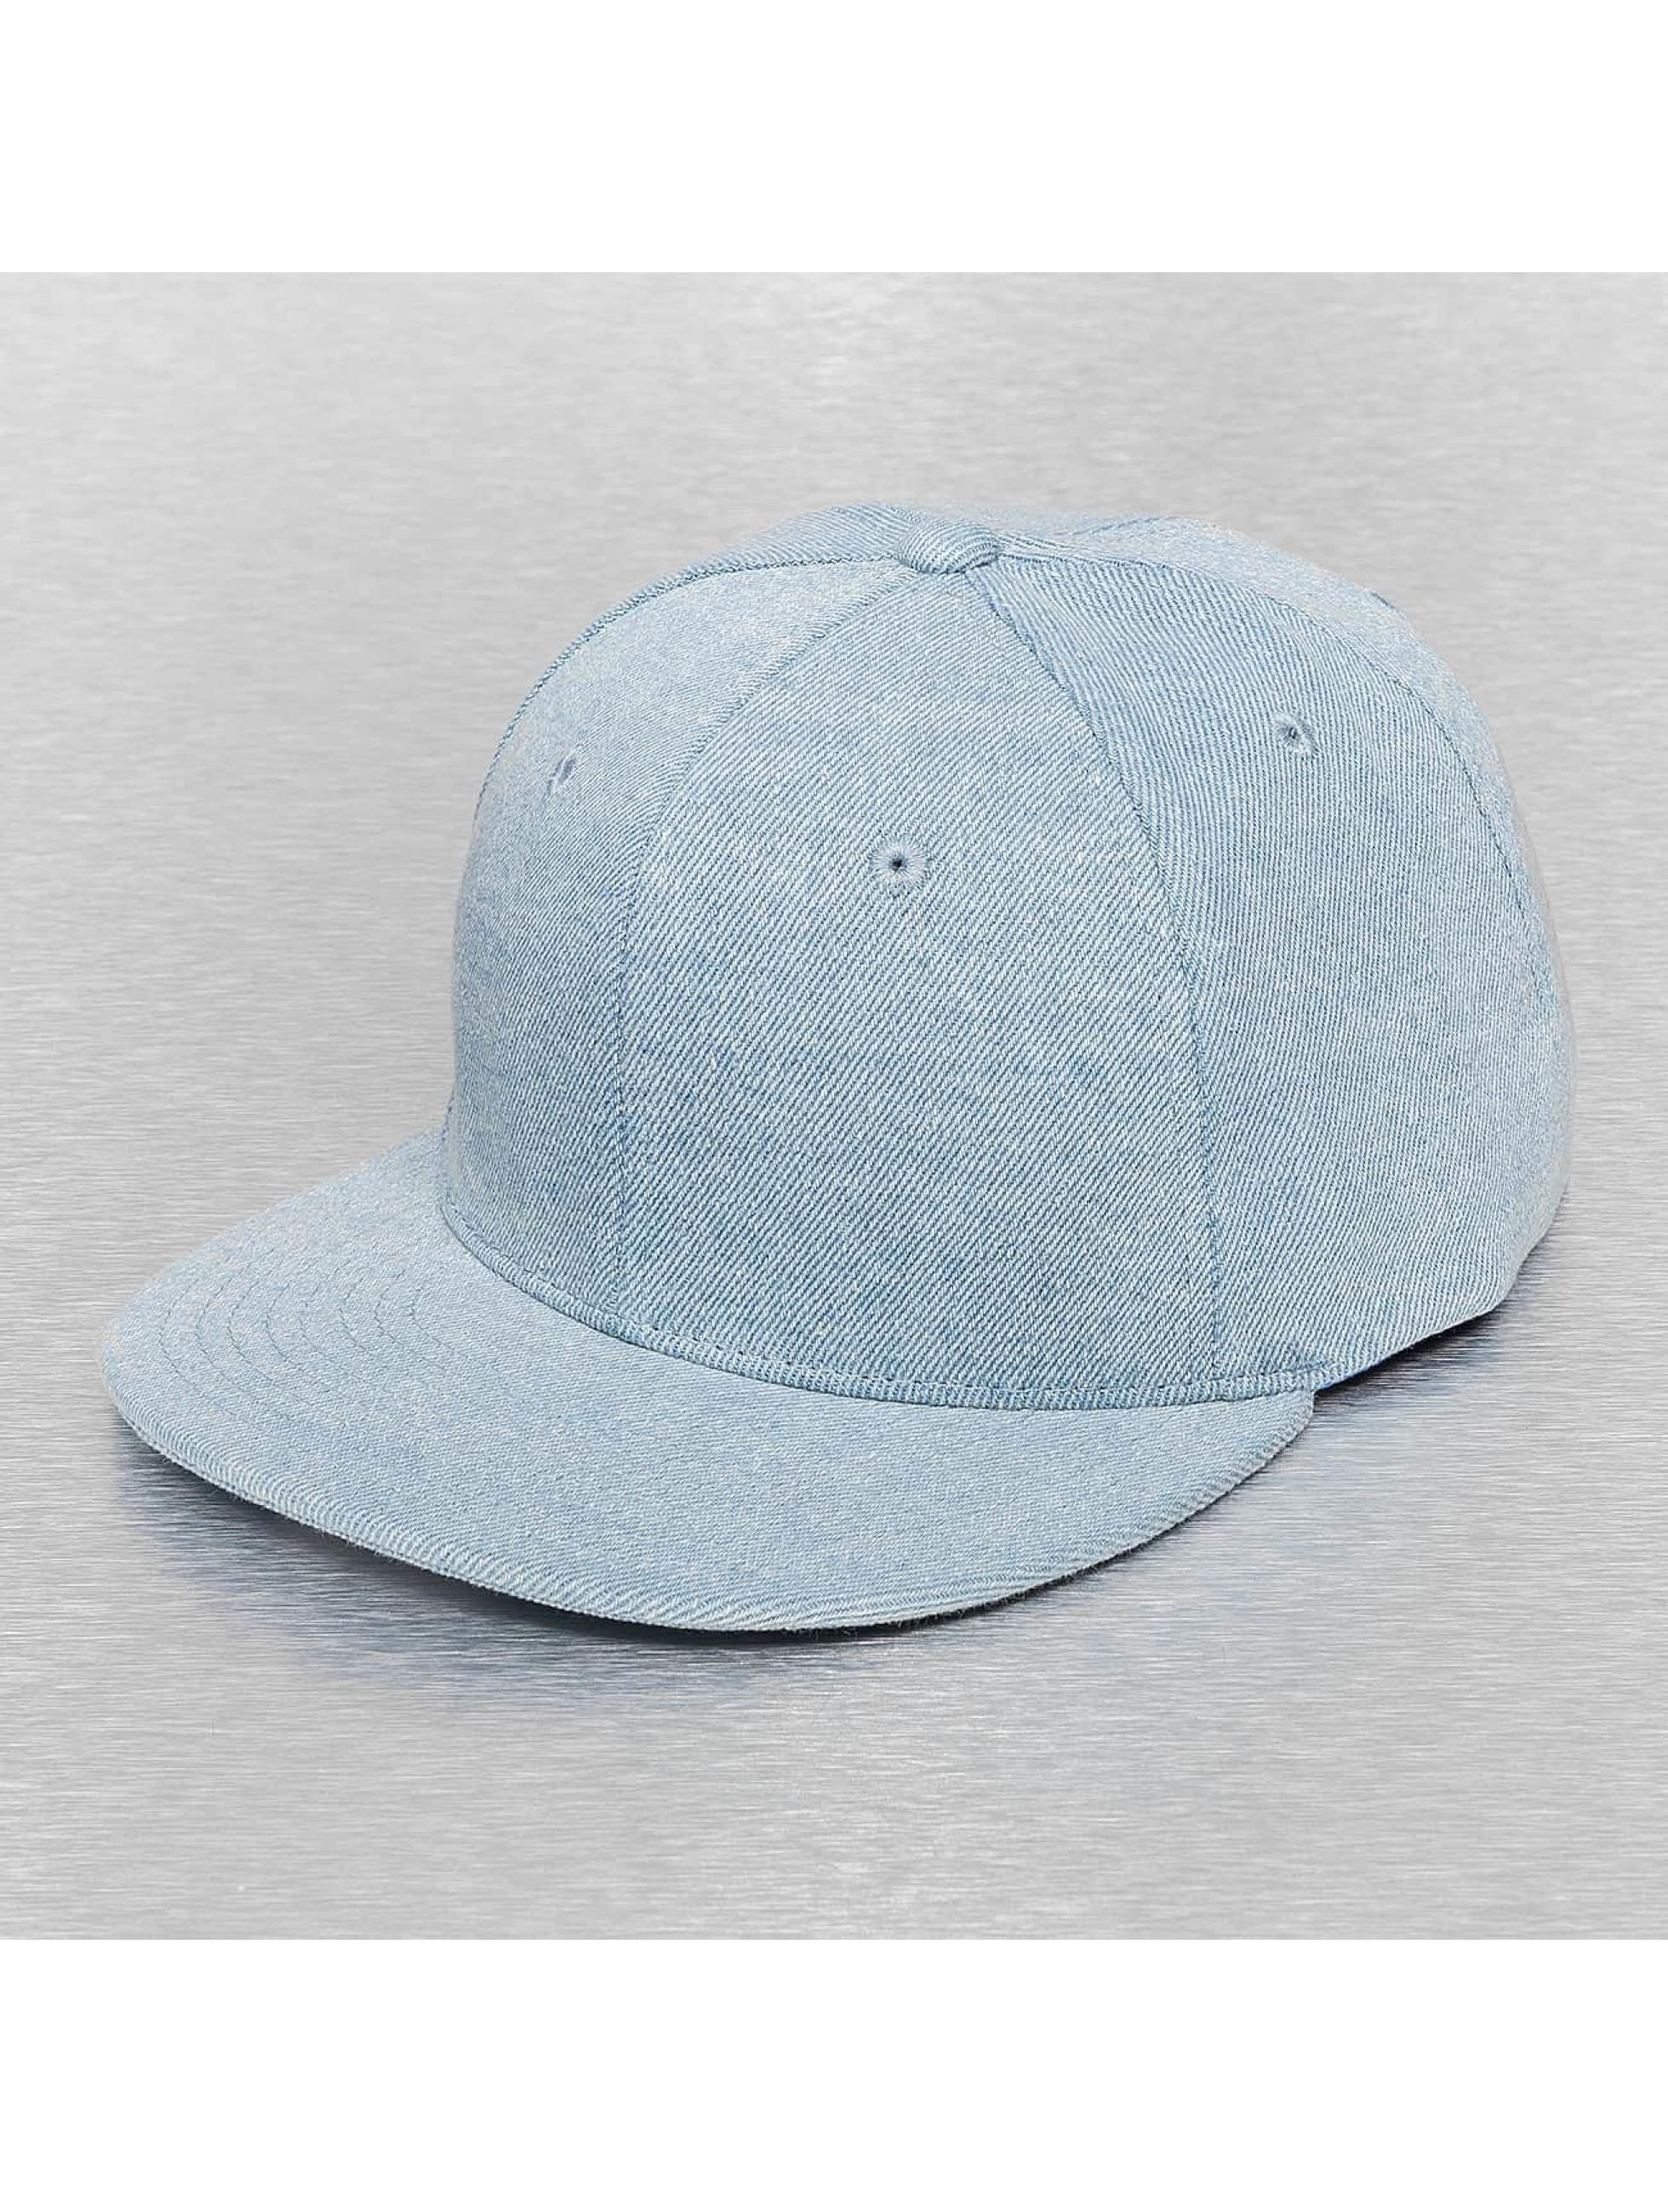 Cap Crony Snapback Cap Denim blau